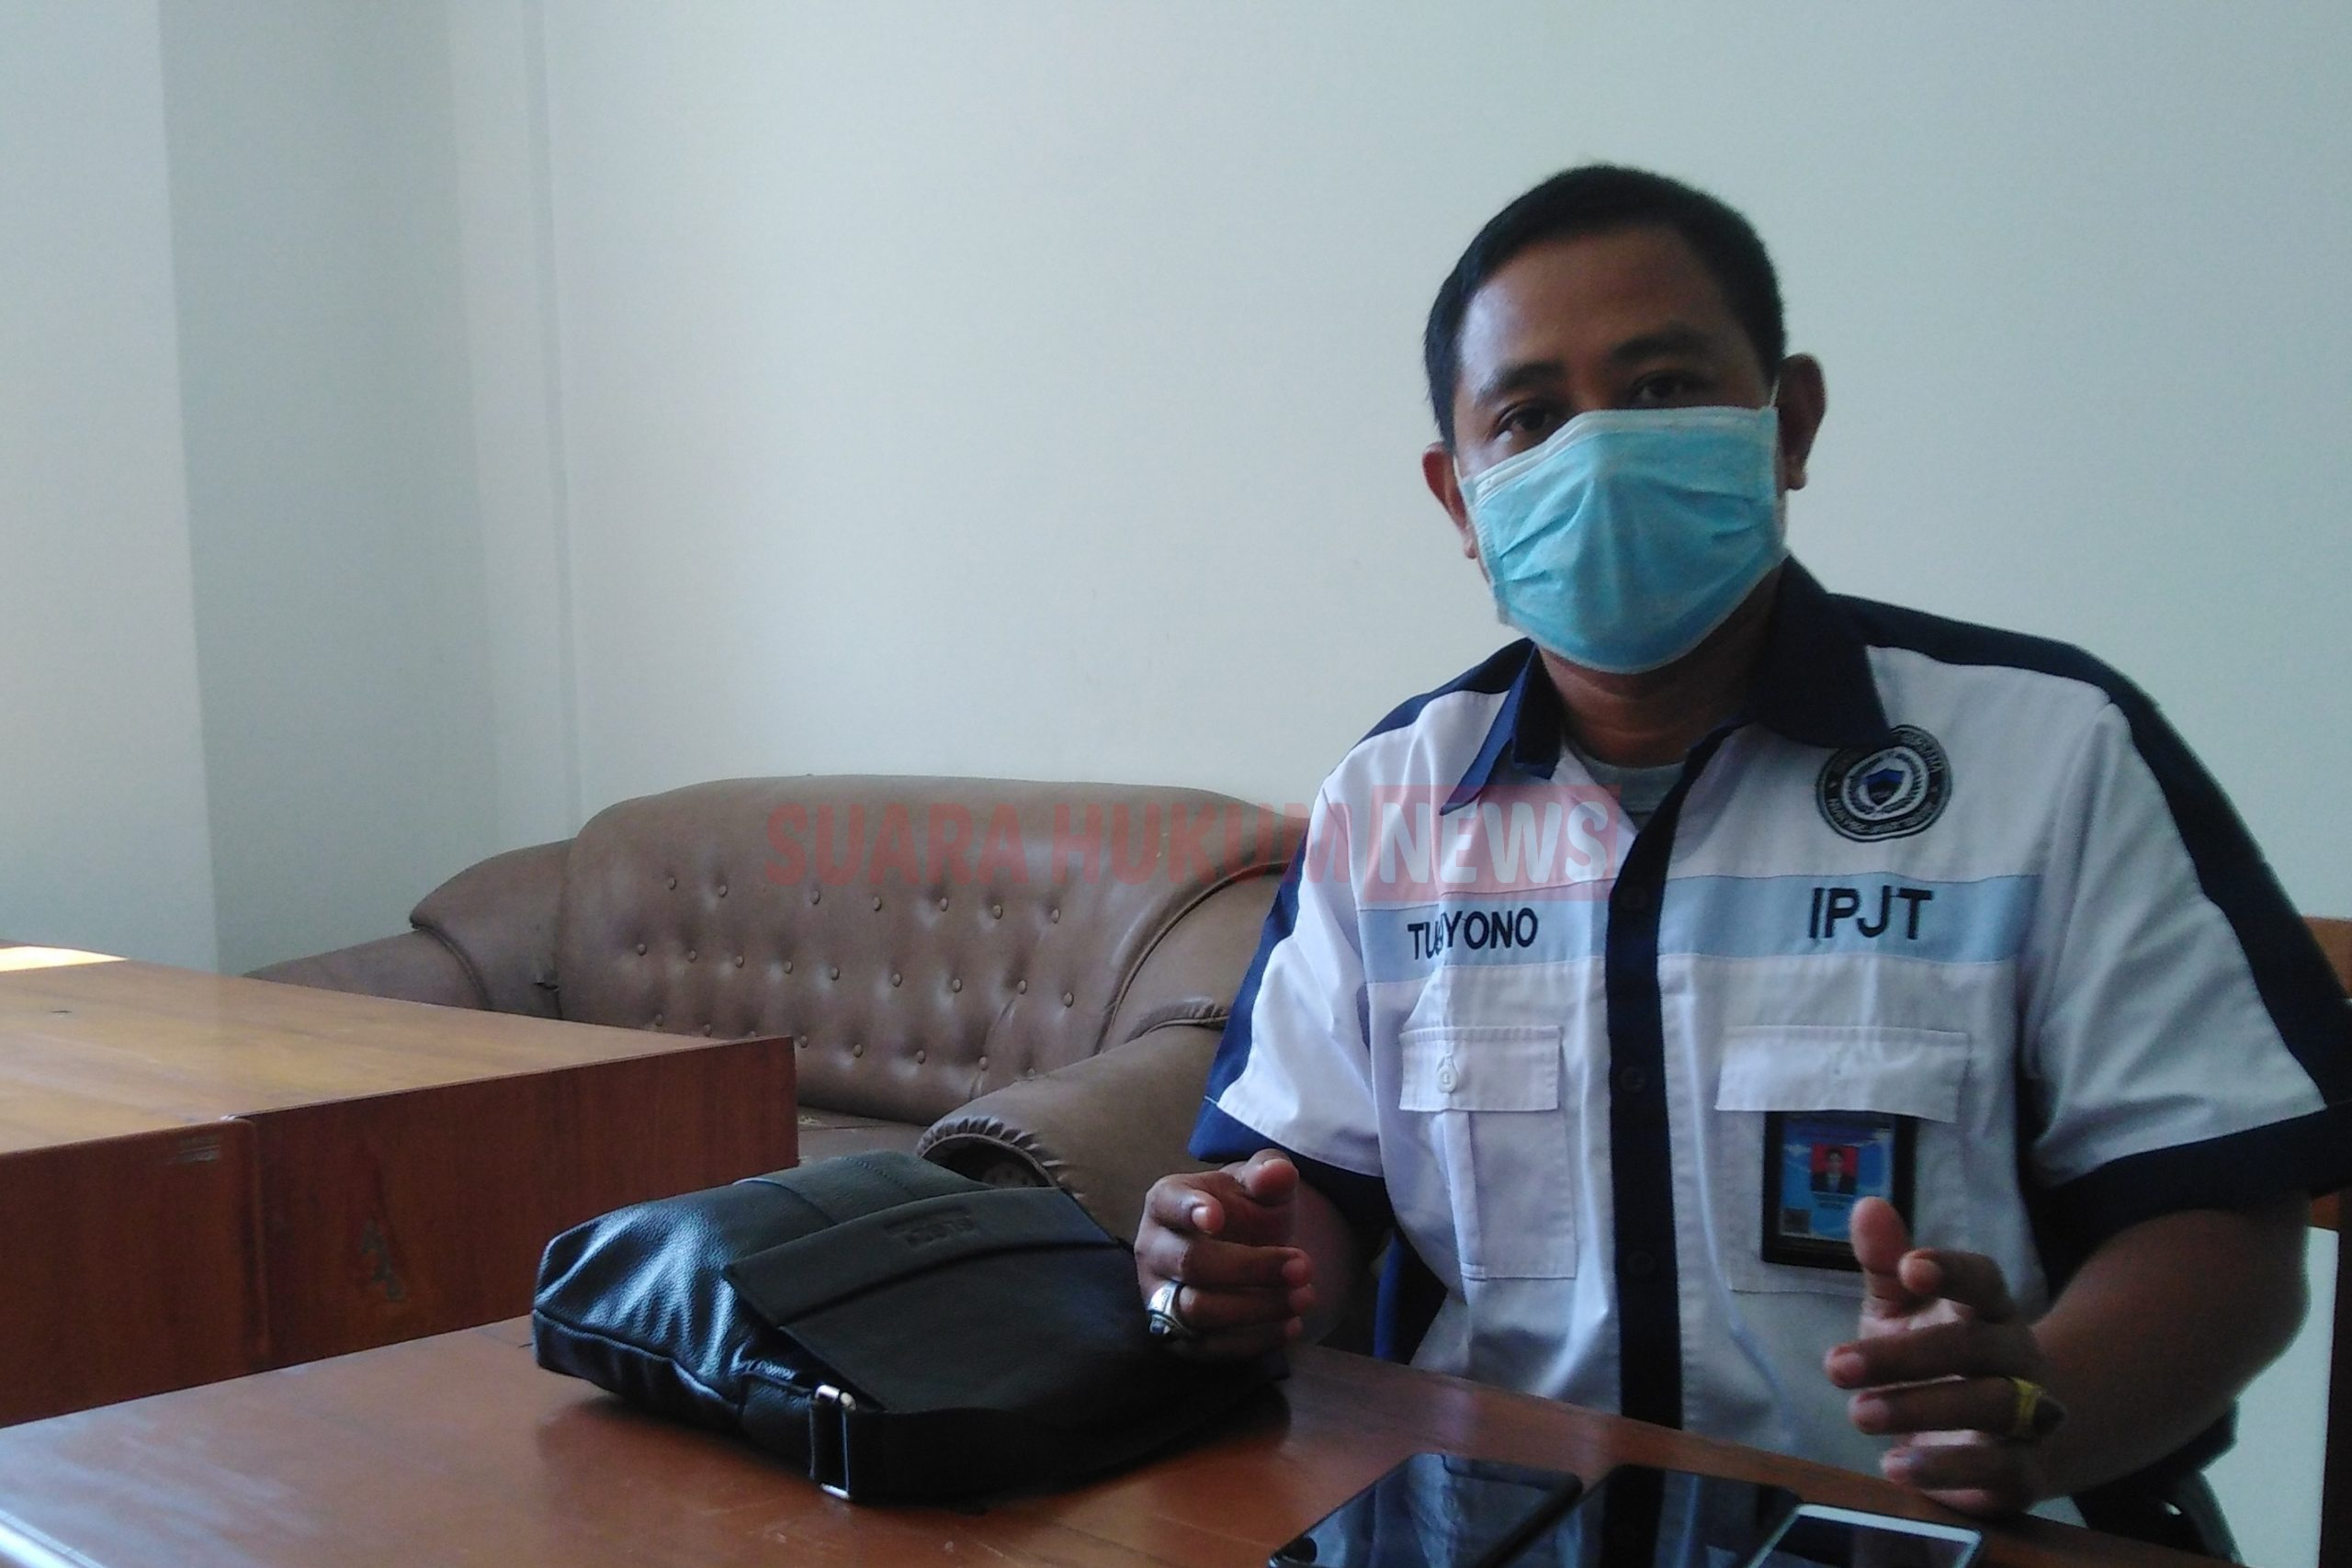 Mengutuk Keras Dugaan Pembunuhan Wartawan, Sekber IPJT Pati Angkat Bicara